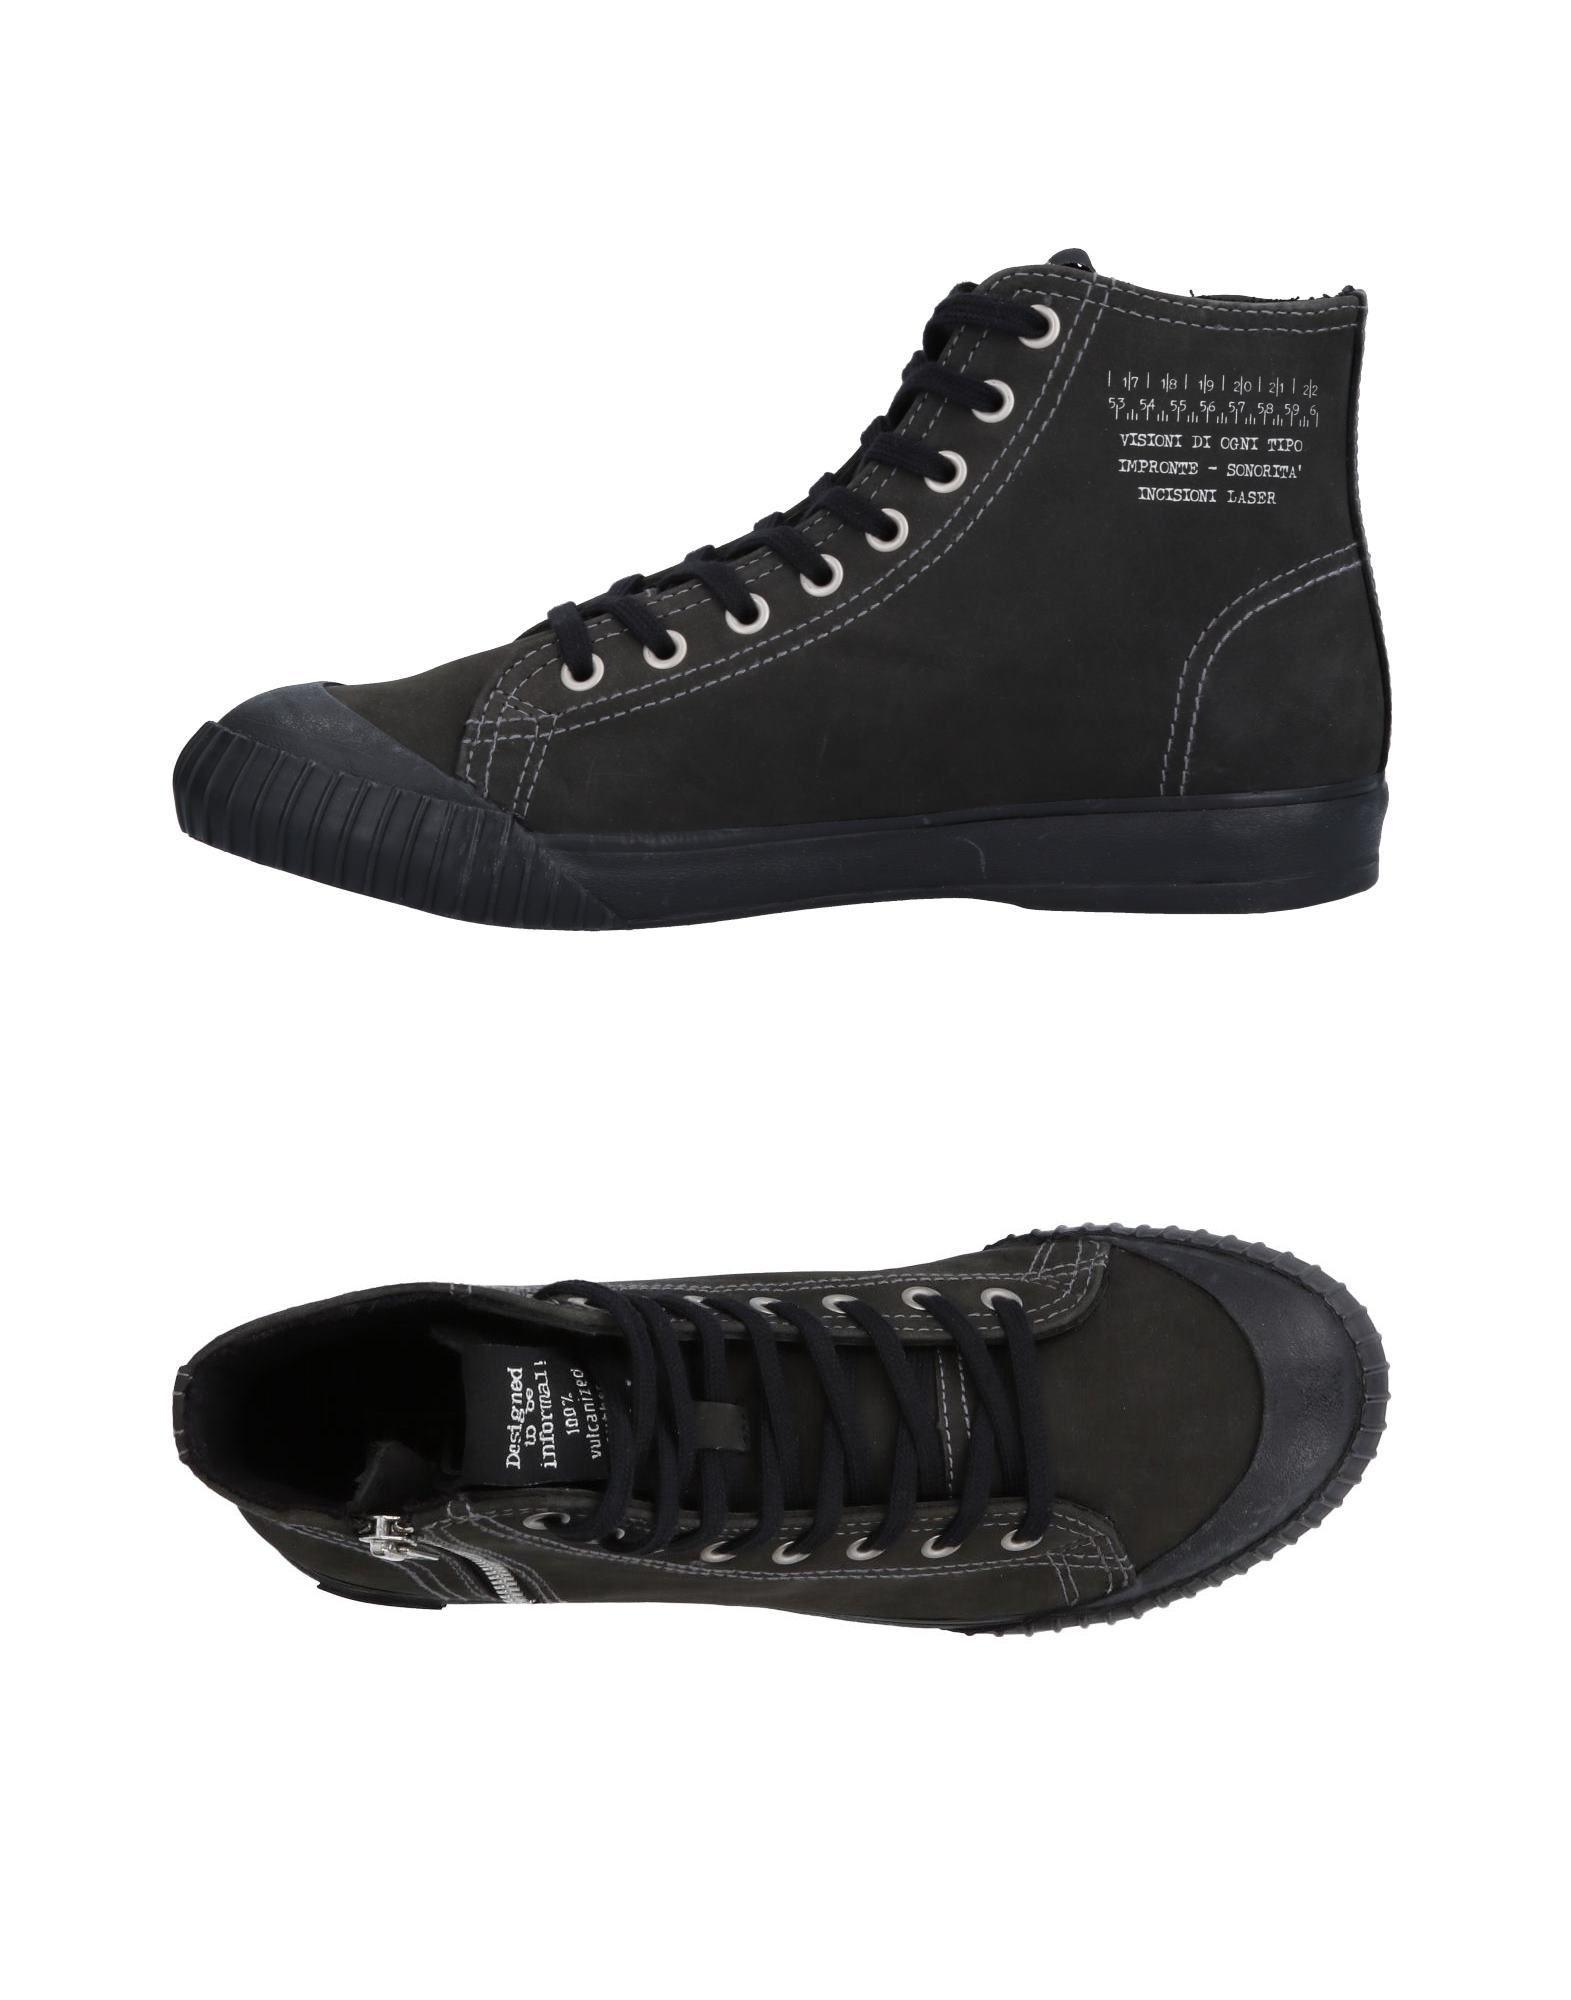 Sneakers Cult Donna - 11498349VK Scarpe economiche e buone